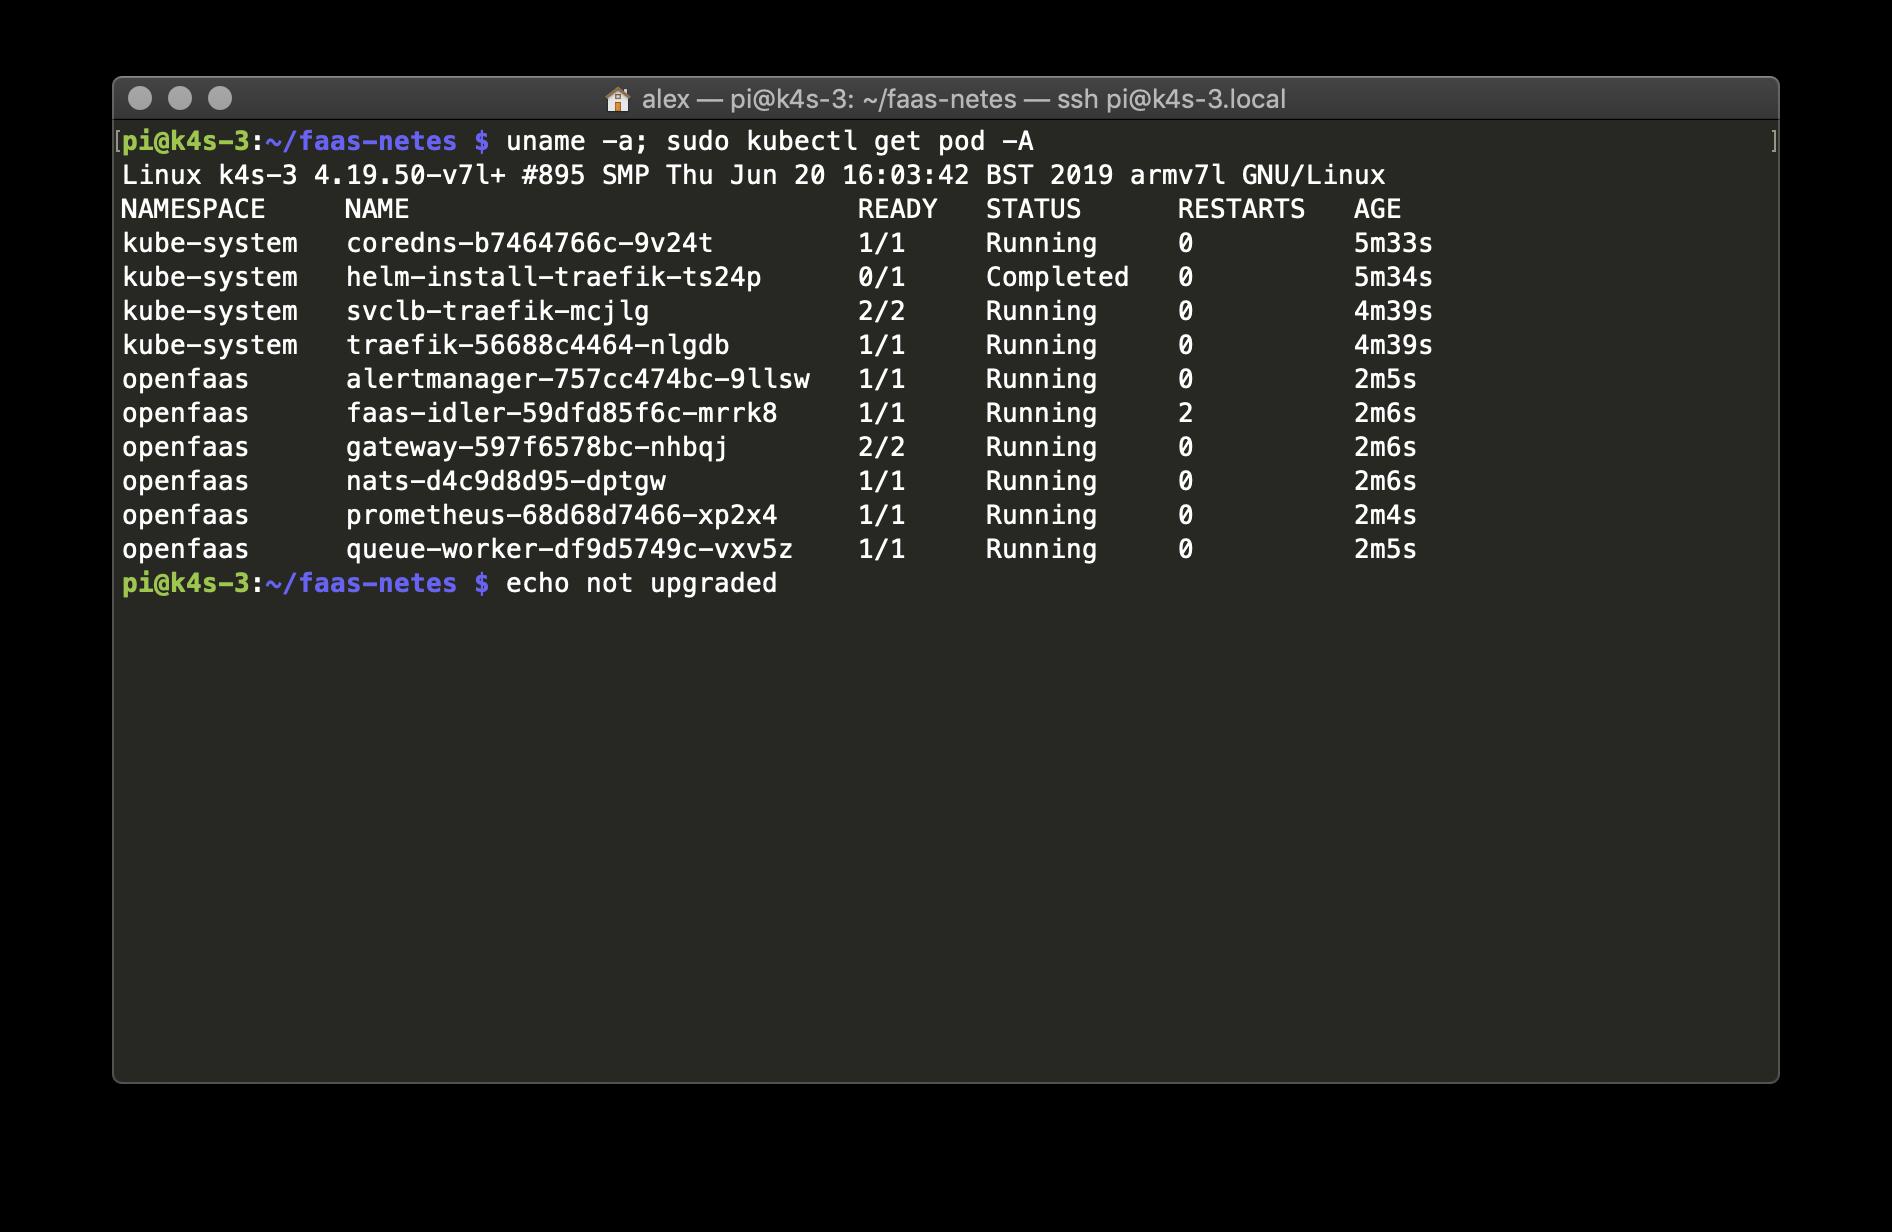 Screenshot 2019-08-07 at 07 40 31